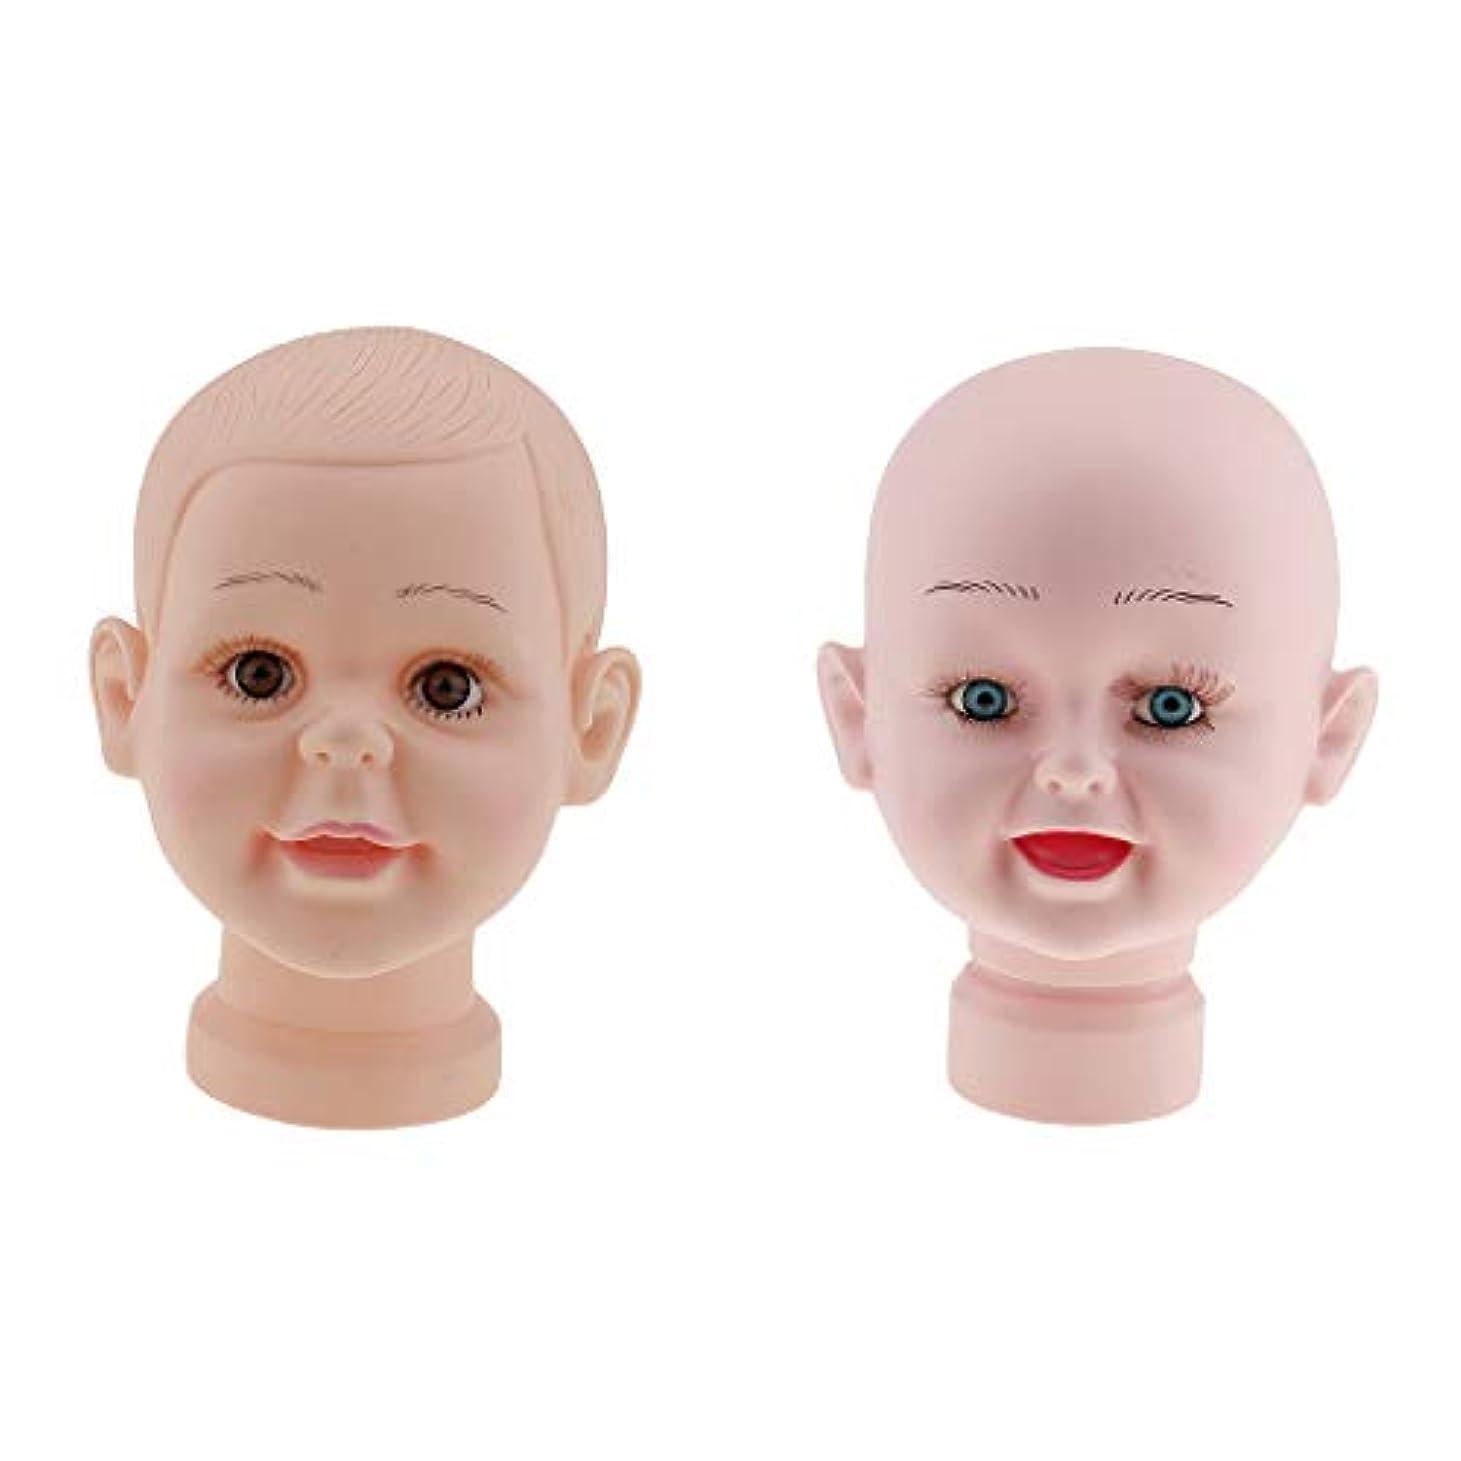 キャビン彼自身レオナルドダT TOOYFUL 子供マネキンヘッド 赤ちゃん チャイルドマネキンヘッド 肌色 頭部モデル かつら 帽子ディスプレイ